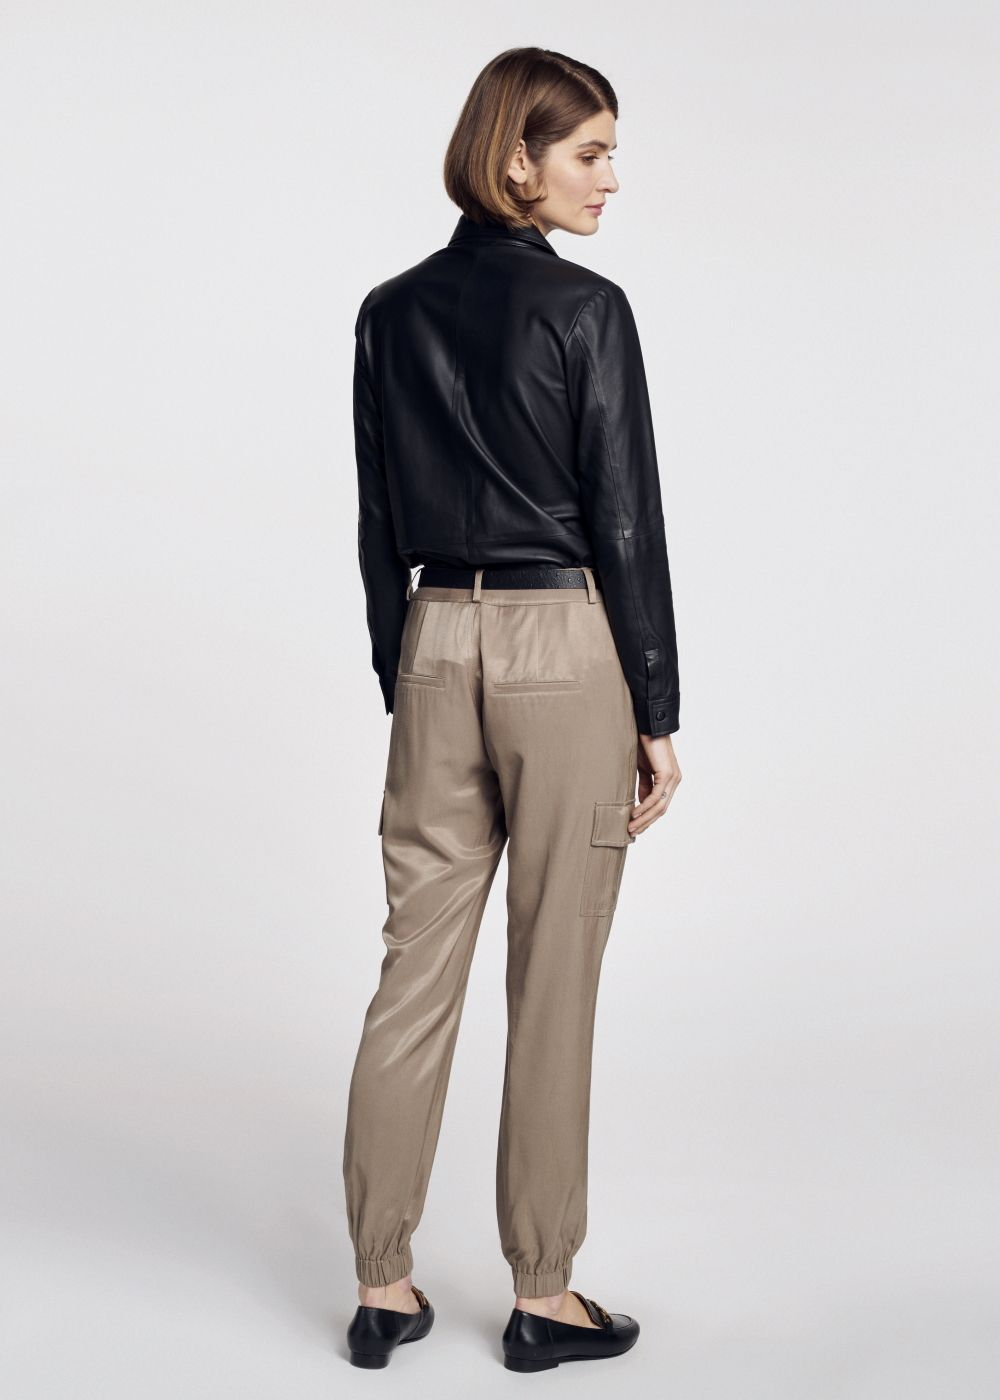 Spodnie damskie SPODT-0045-57(W21)